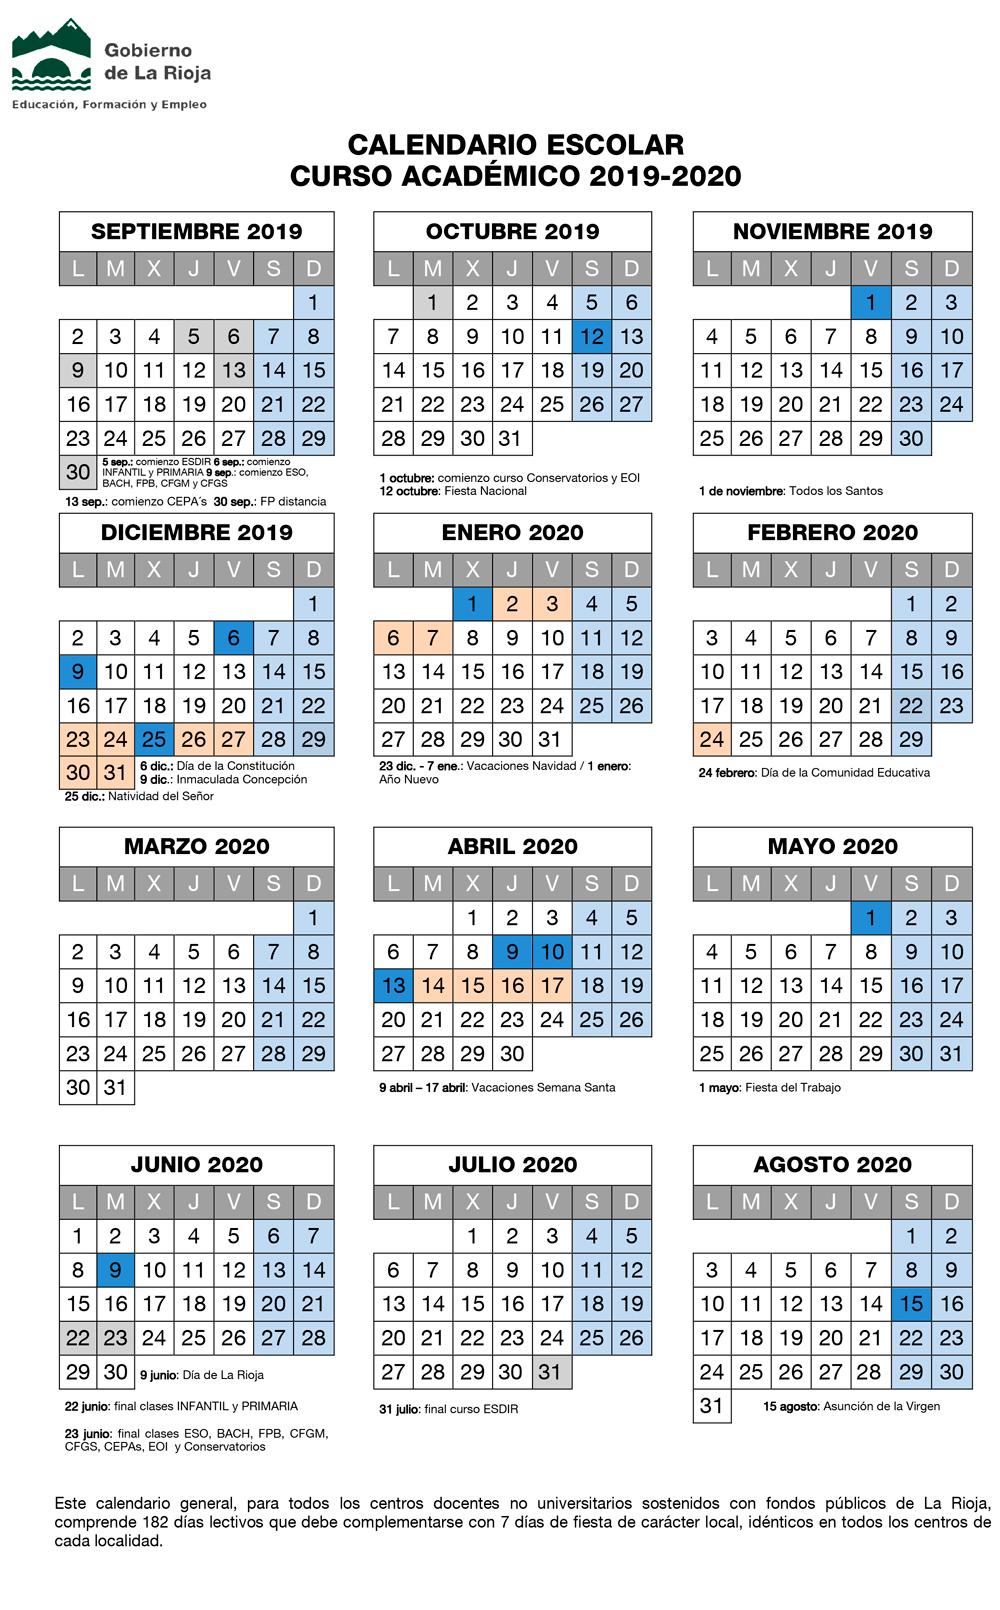 Calendario Agosto 2020 Espana.Calendario Escolar 2019 2020 Concapa Rioja